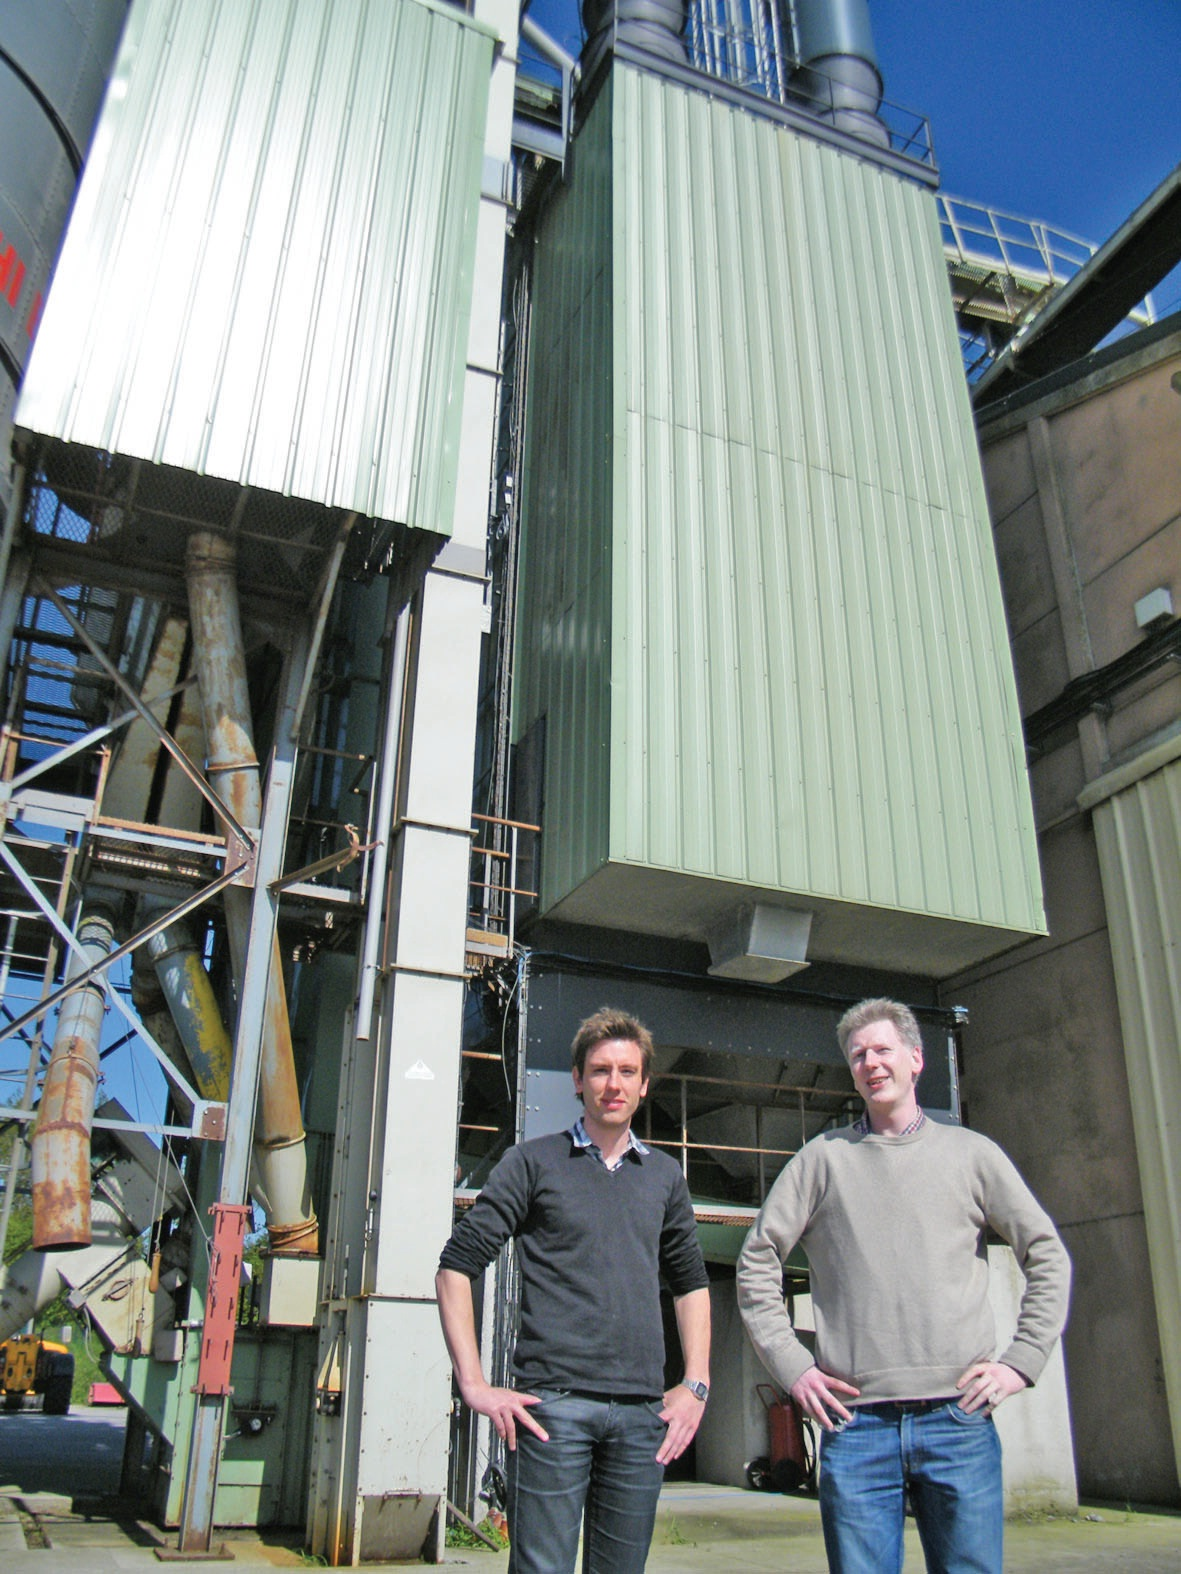 Thierry et Cyril Duriez, associés d'Arques céréales.